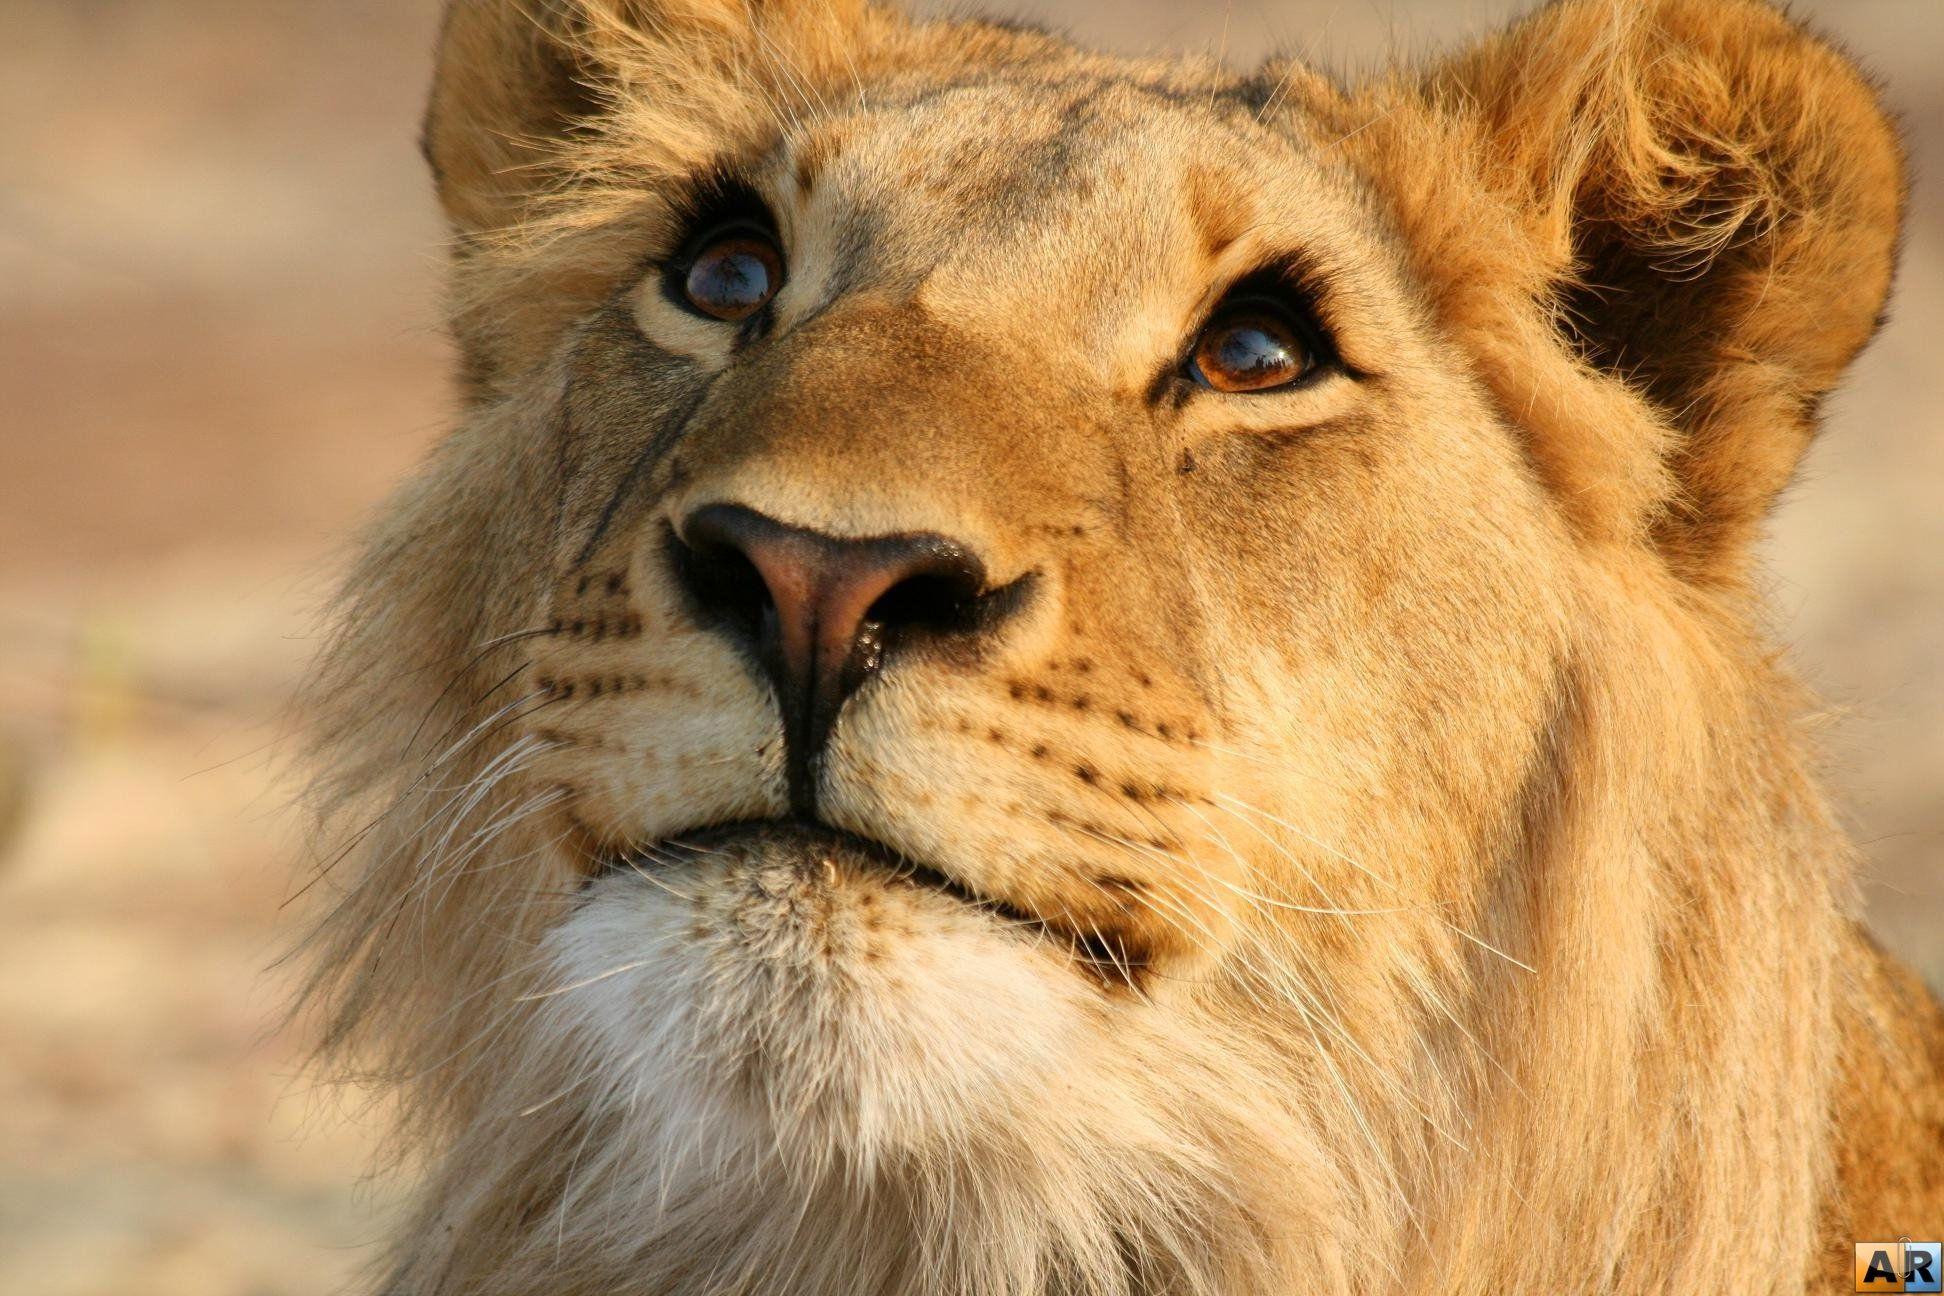 Открытки троицец, смешные картинки львы на аватарку